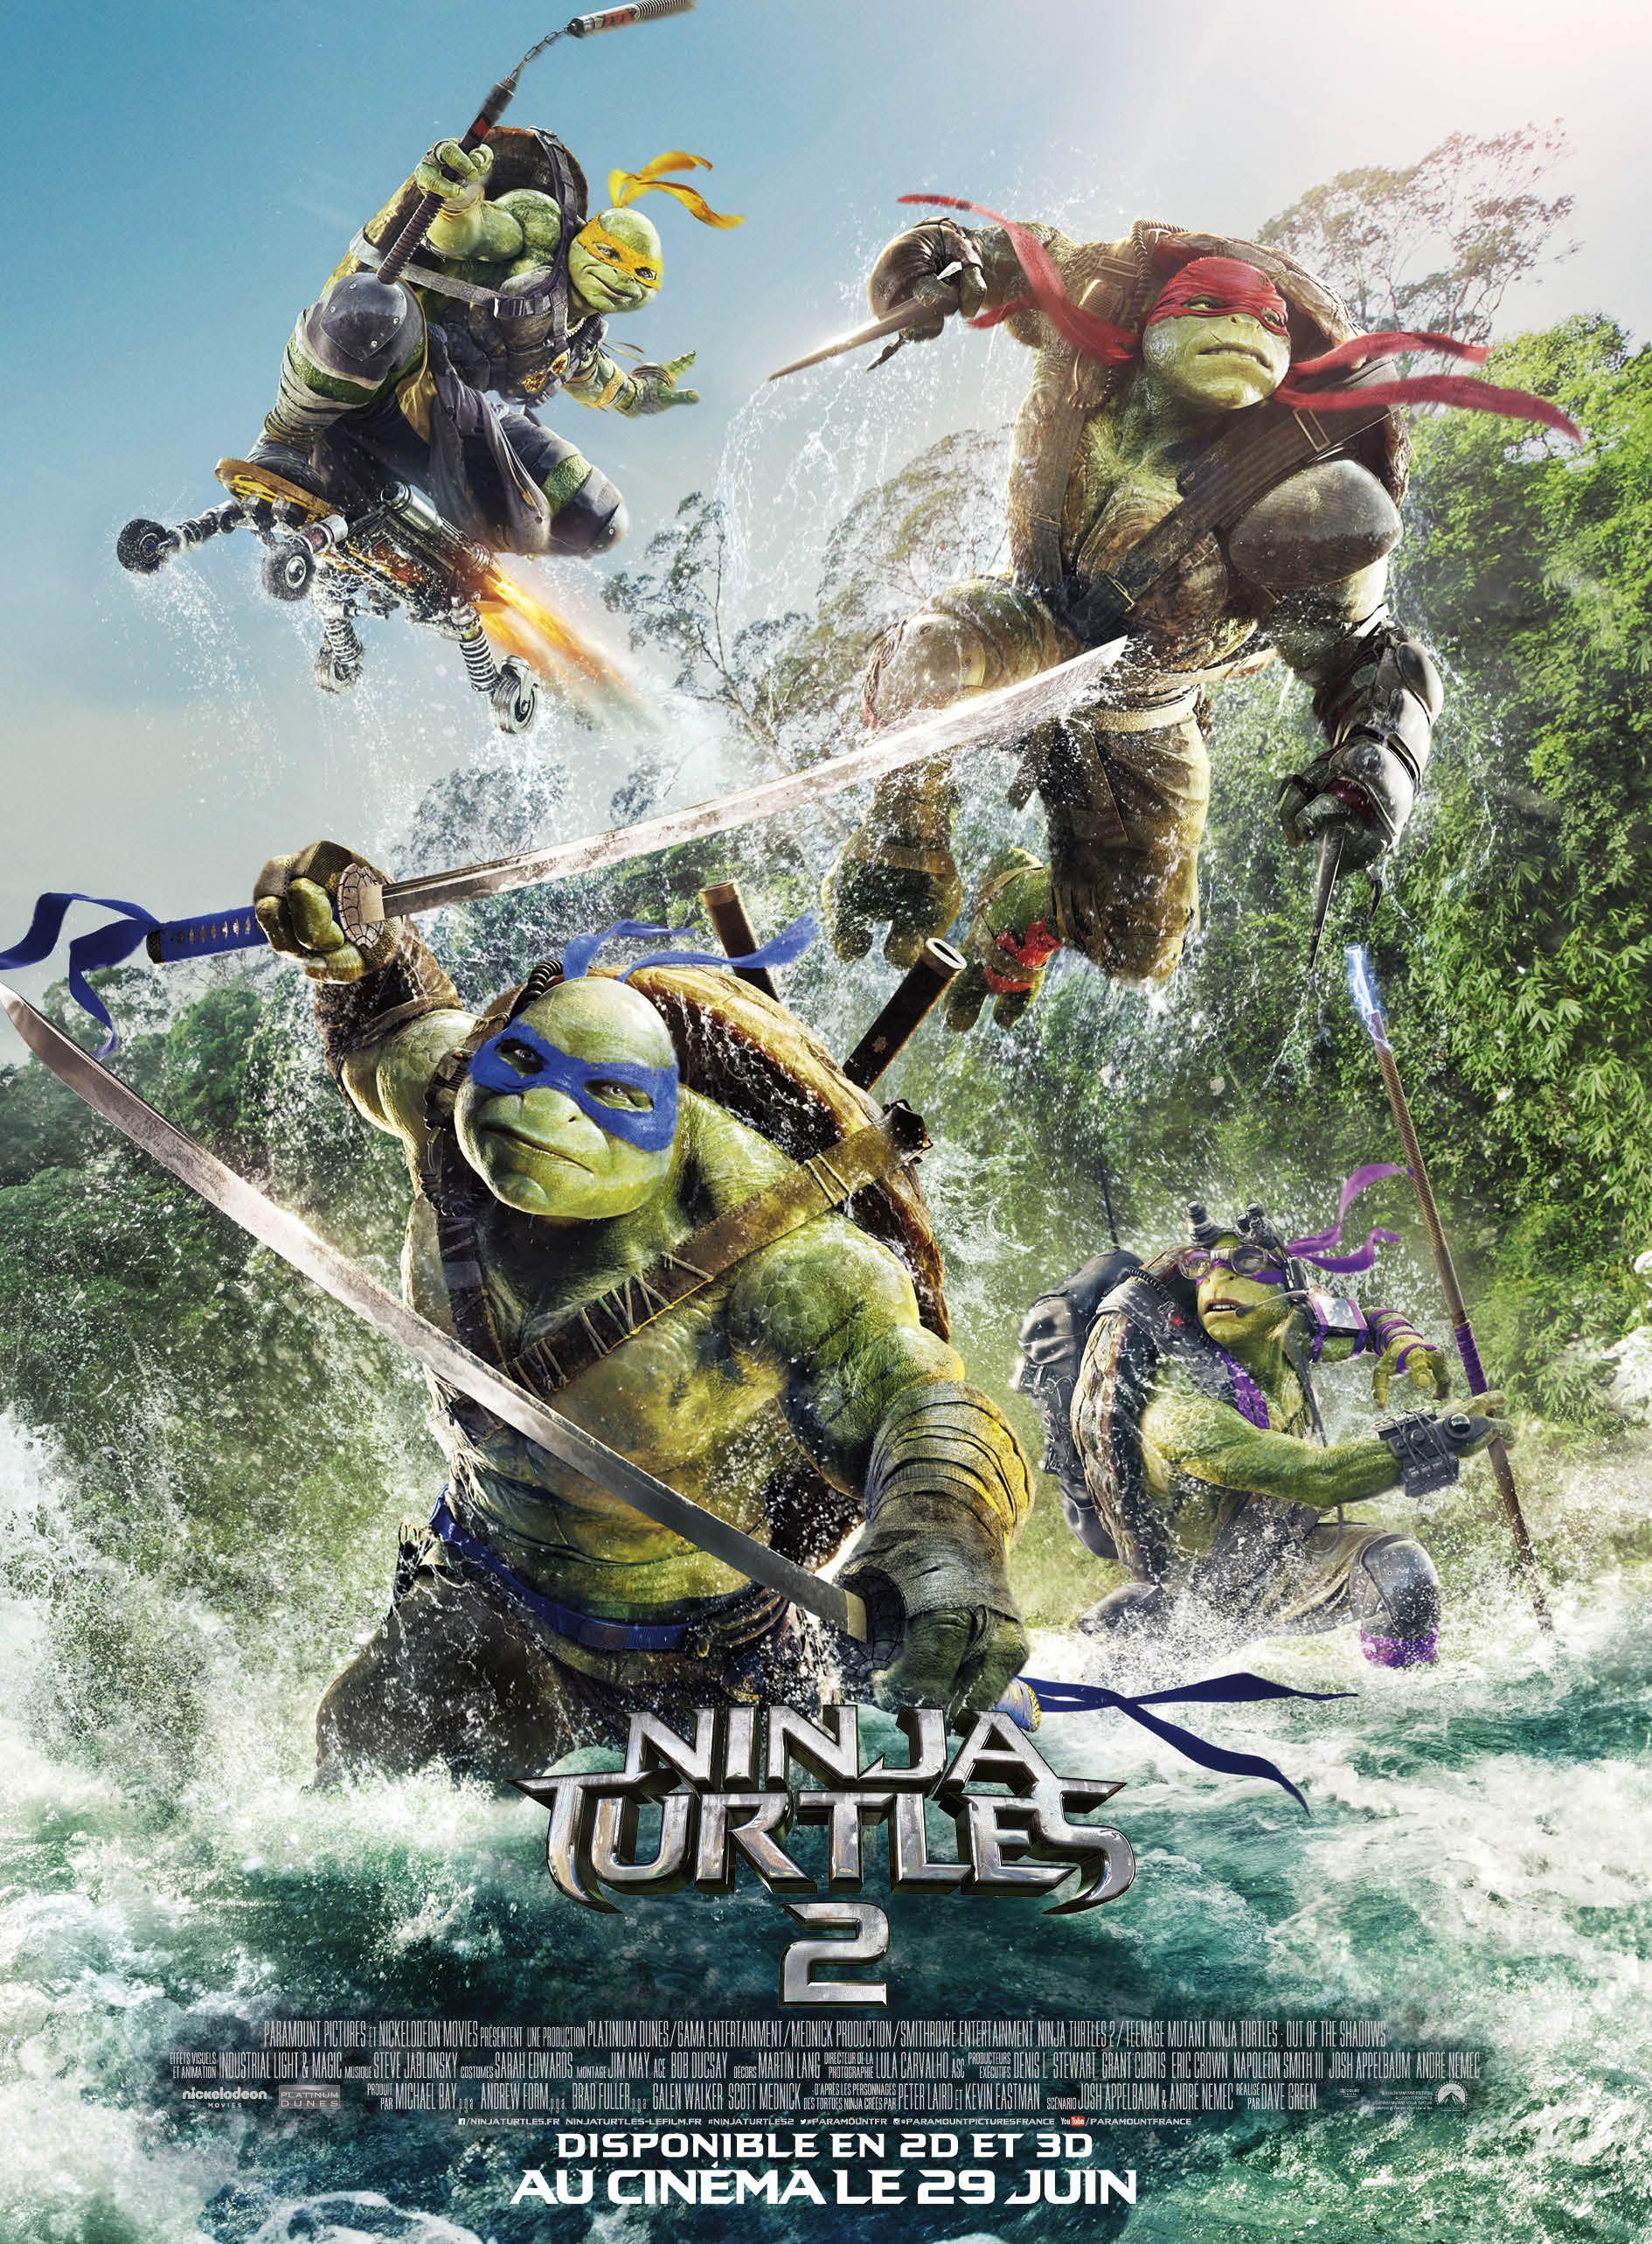 Ninja Turtles 2 - Film (2016)